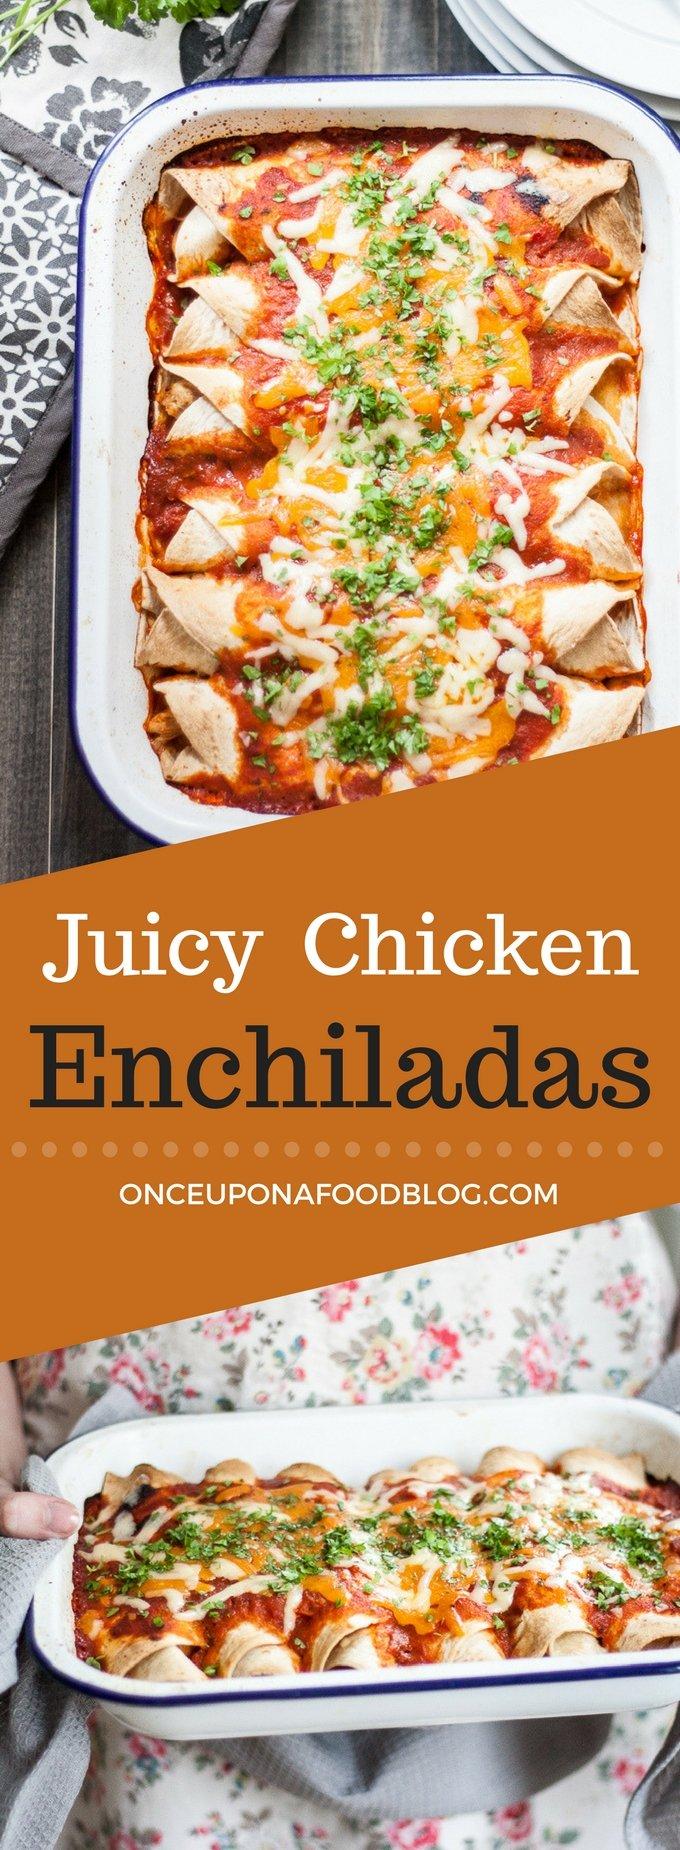 Juicy Chicken Enchiladas